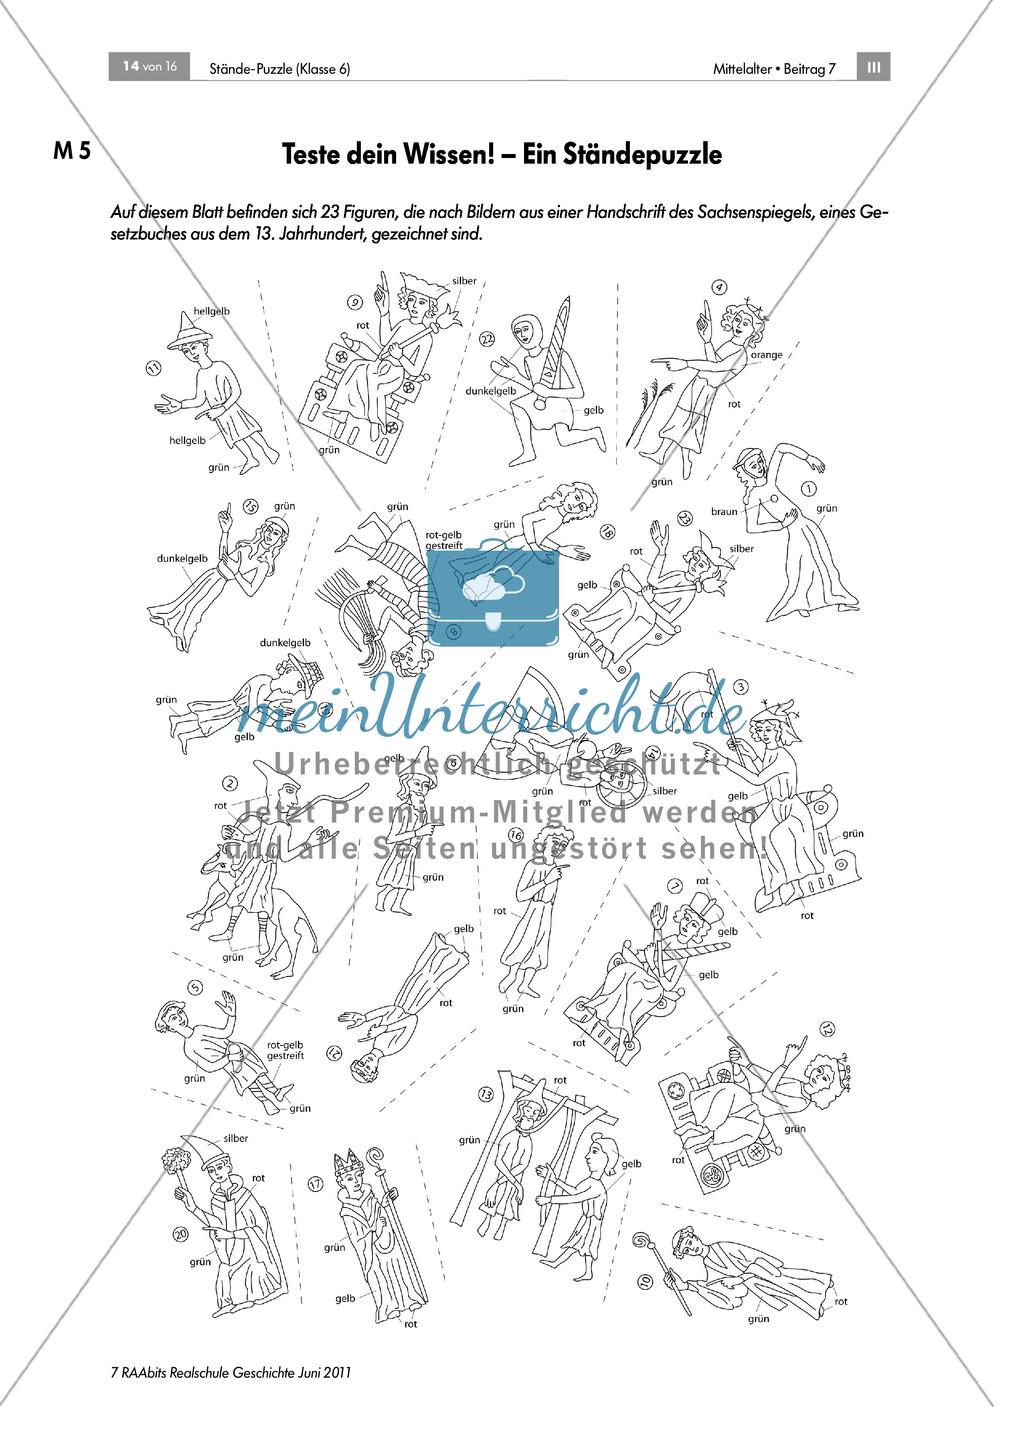 Ständegesellschaft im Mittelalter: Lernerfolgskontrolle anhand eines Puzzles zur Ständegesellschaft Preview 0